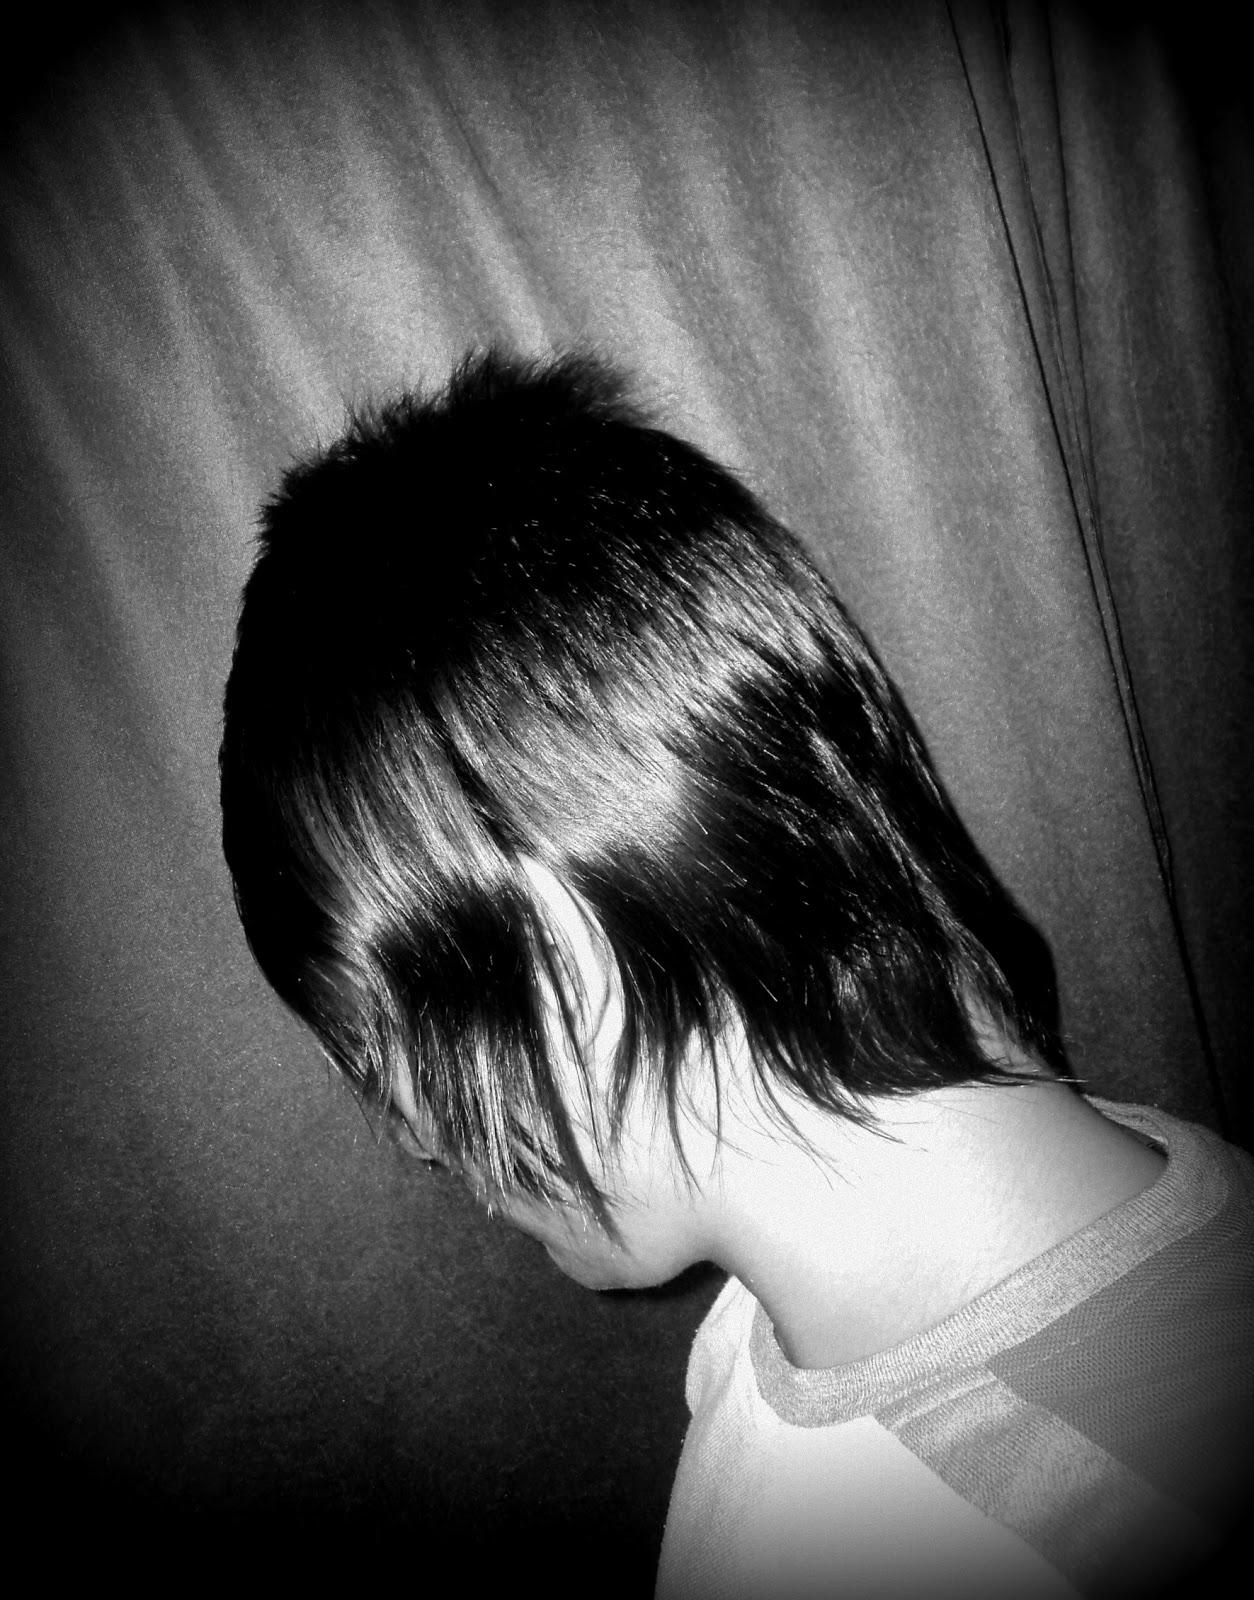 http://2.bp.blogspot.com/-7NiNAPXGp-I/UMLVr1AmmyI/AAAAAAAAAP0/Ba8-PaQPNpM/s1600/Shanu-Emo-boys-emo-boys-32371039-1771-2260.jpg